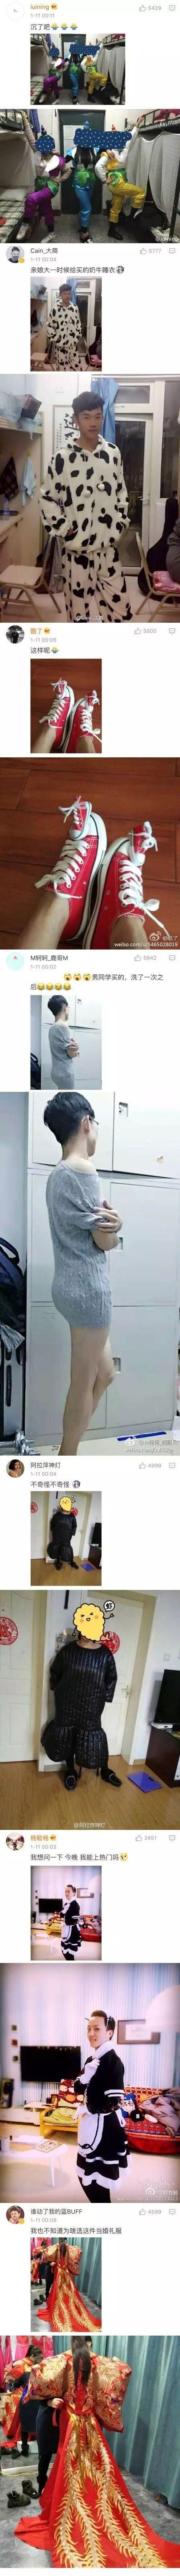 衣服搭配:你买过最奇葩的衣服长啥样?第一个就笑疯了! 4